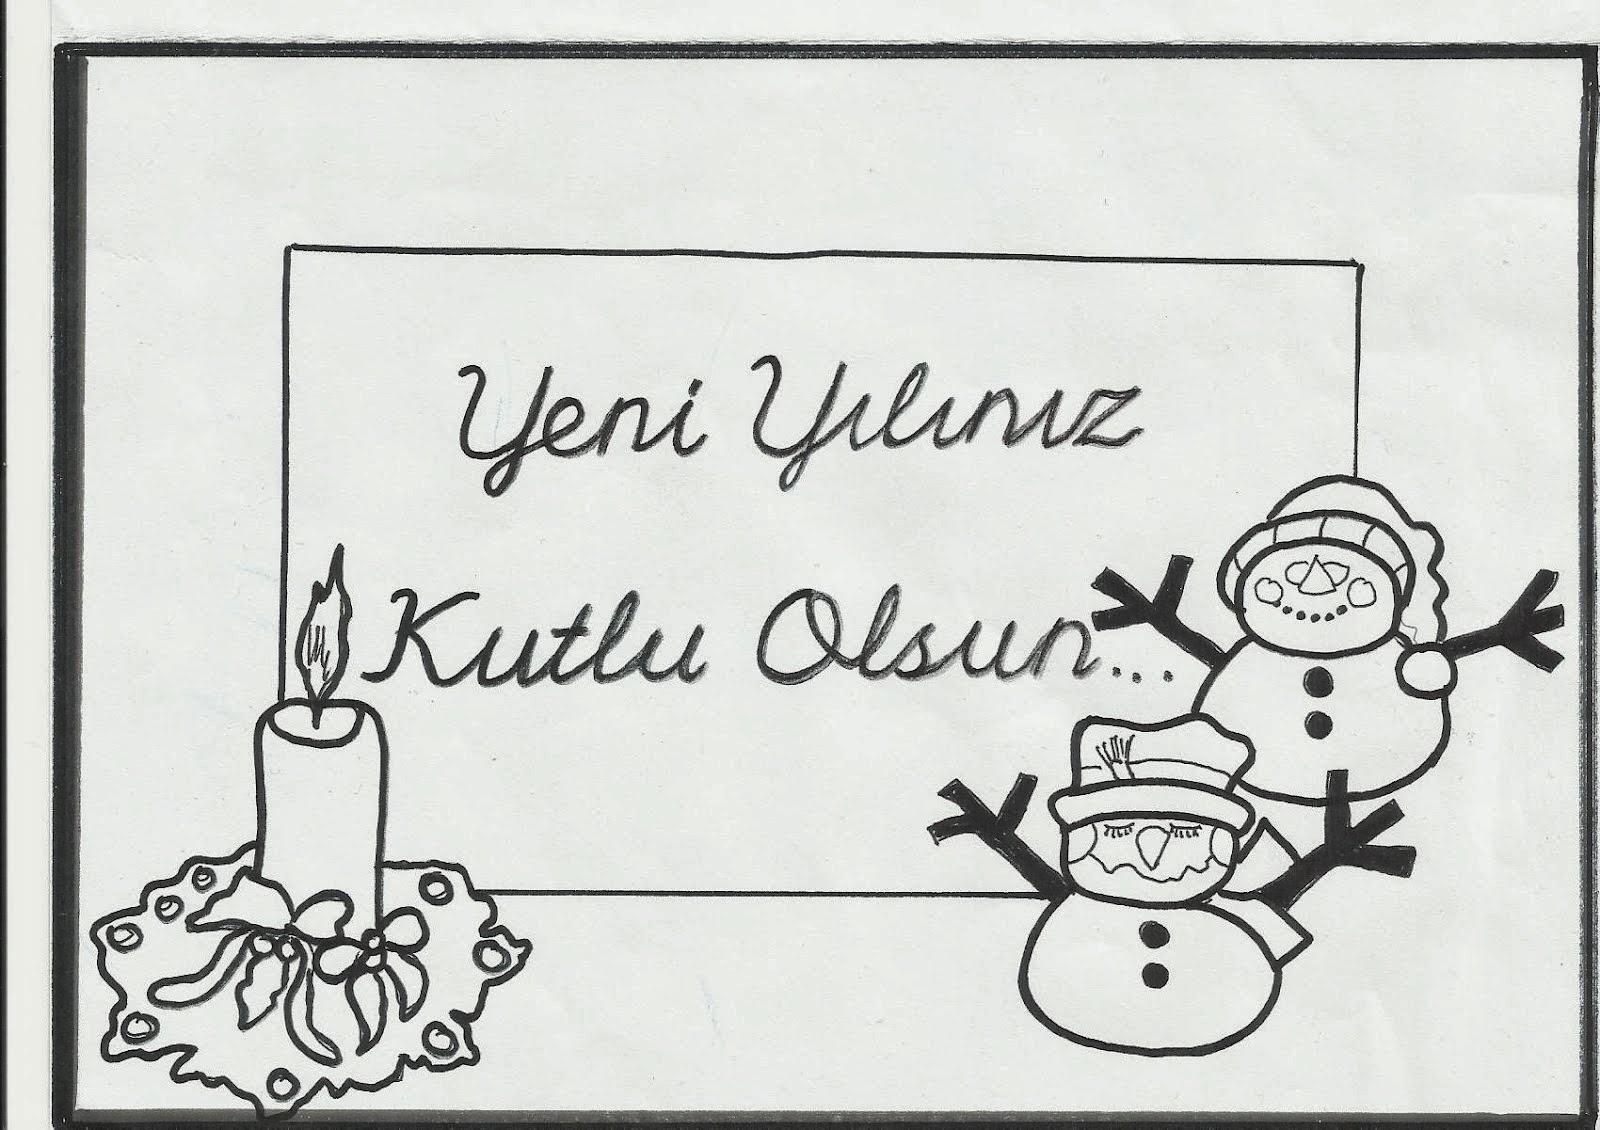 Yeni yıl etkinlikleri yeni yıl kartları kardan adamlar